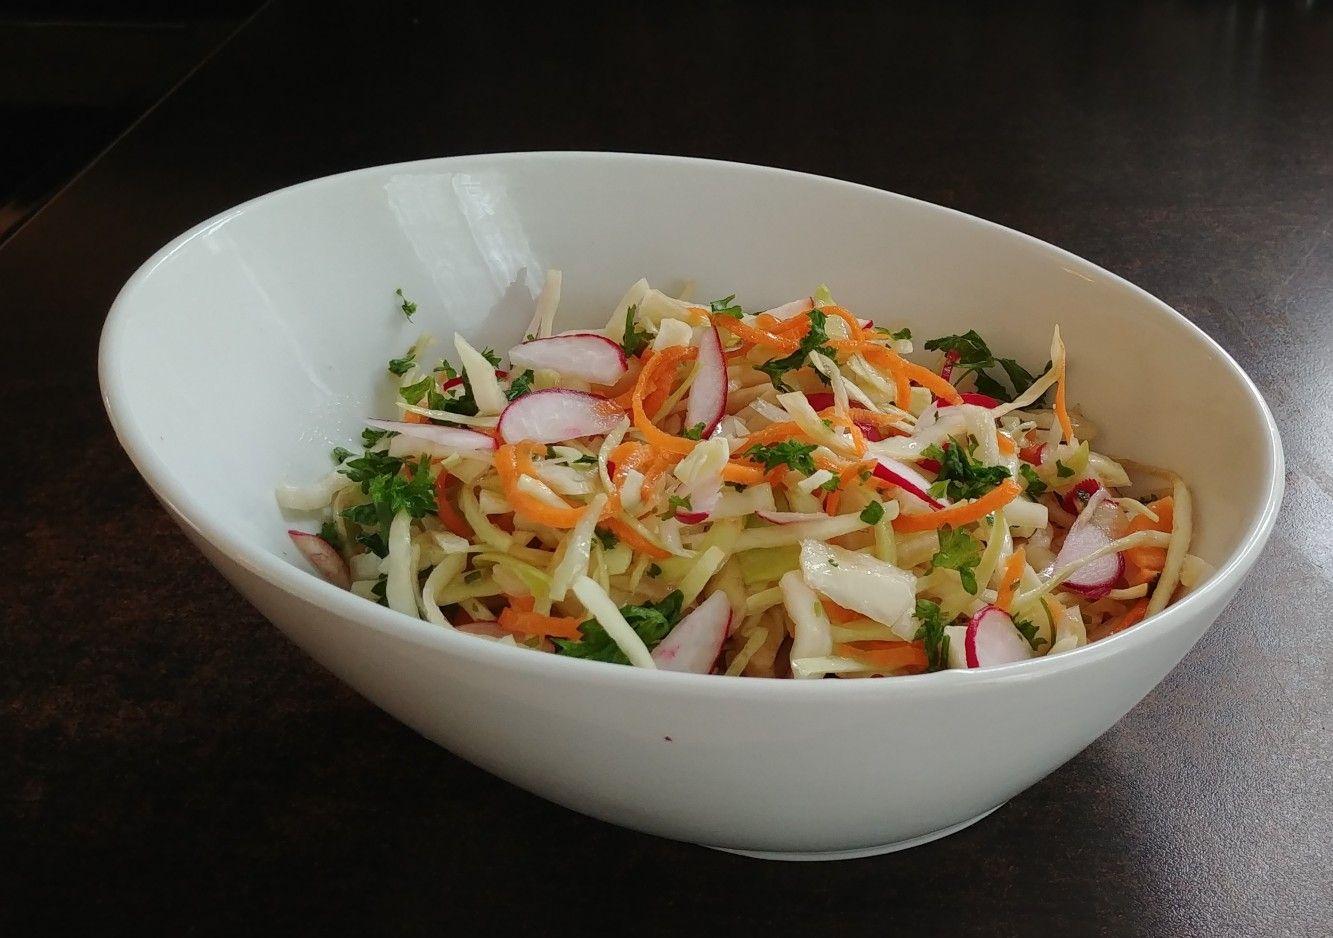 سلطه ملفوف جزر فجل La Cuisine De Norma Cooking Food Cabbage